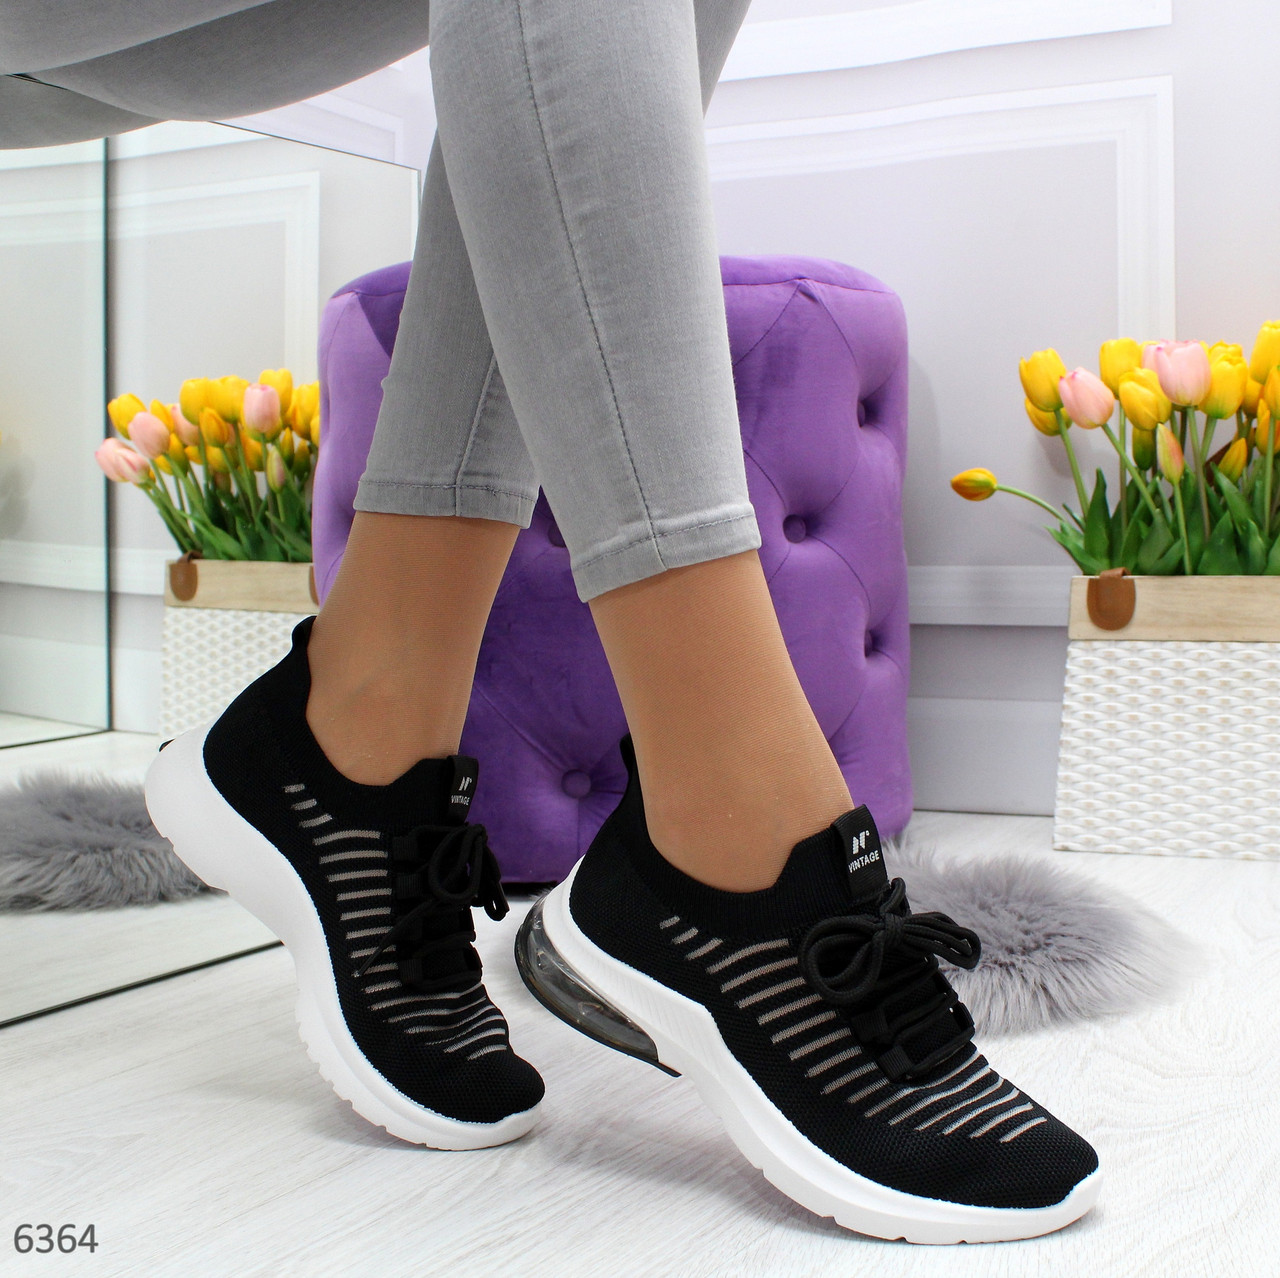 Летние спортивные женские кроссовки из текстиля со шнуровкой OB6364